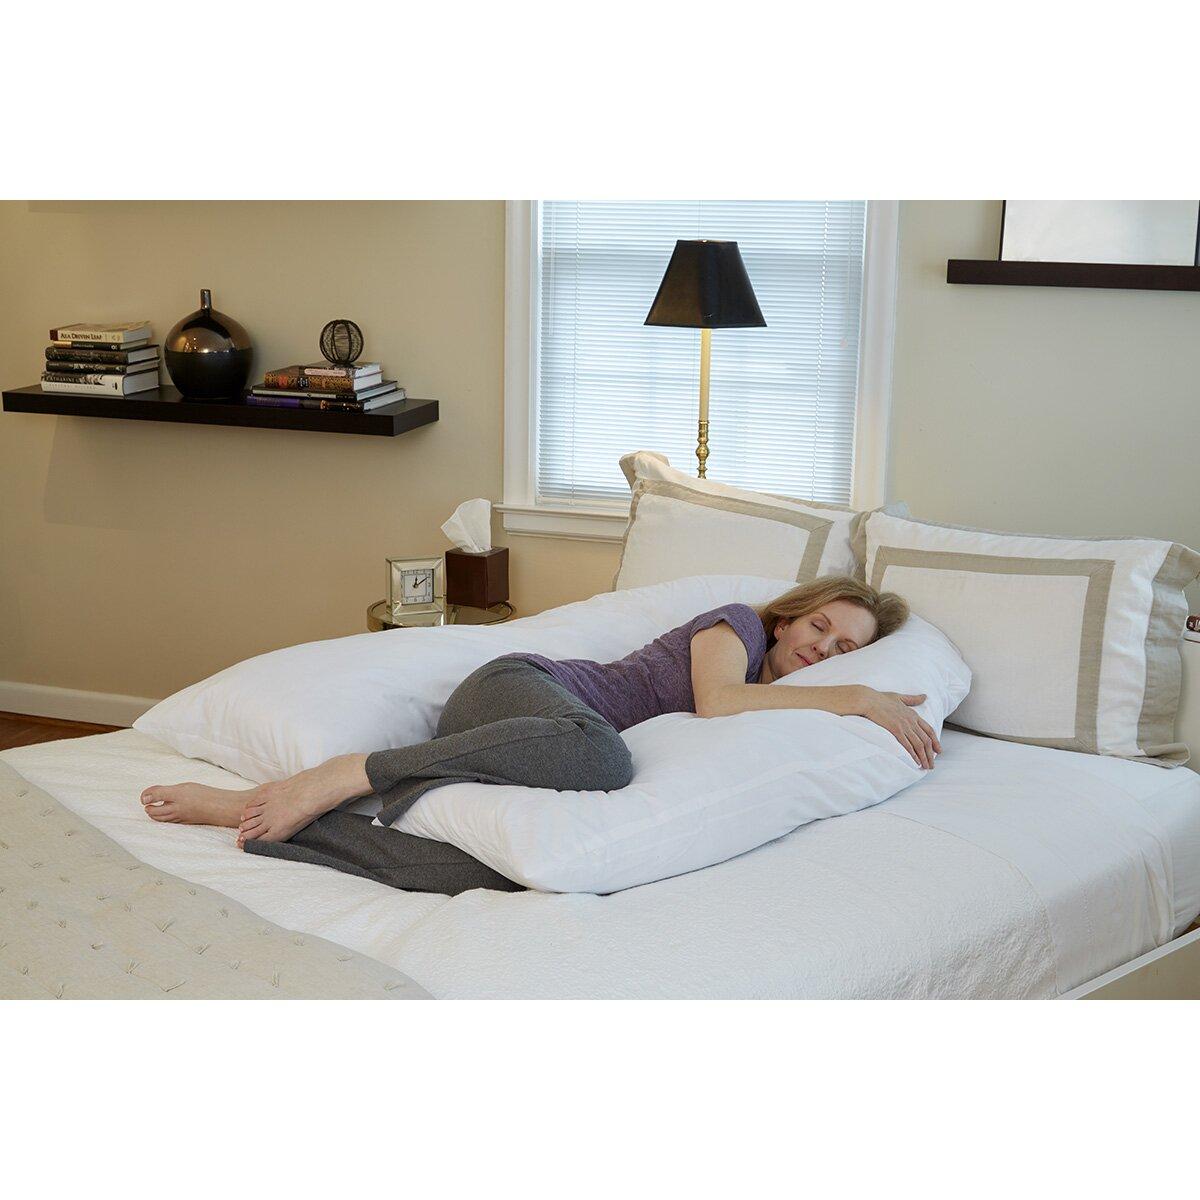 Hermell Softeze Total Body U-Shaped Pillow & Reviews   Wayfair